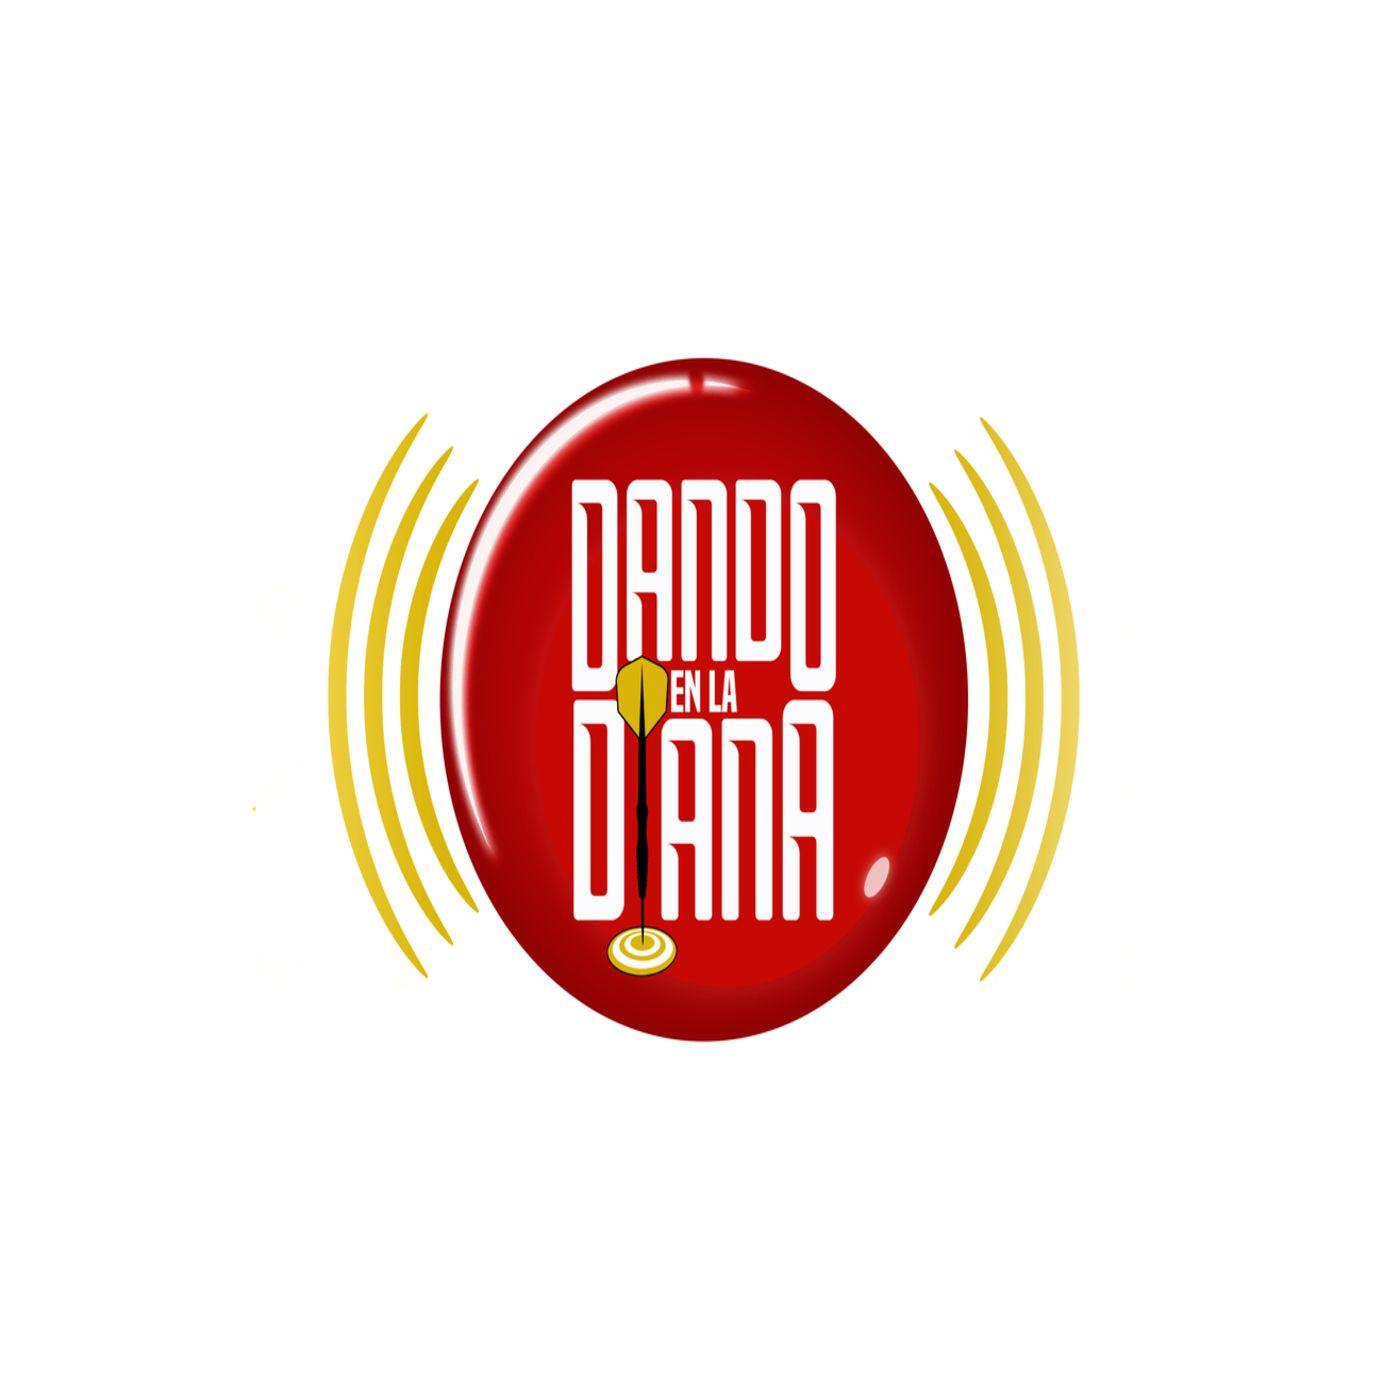 Dando en la Diana - Episodio 83 - 23 Diciembre 2020 - Lasmy Grullón